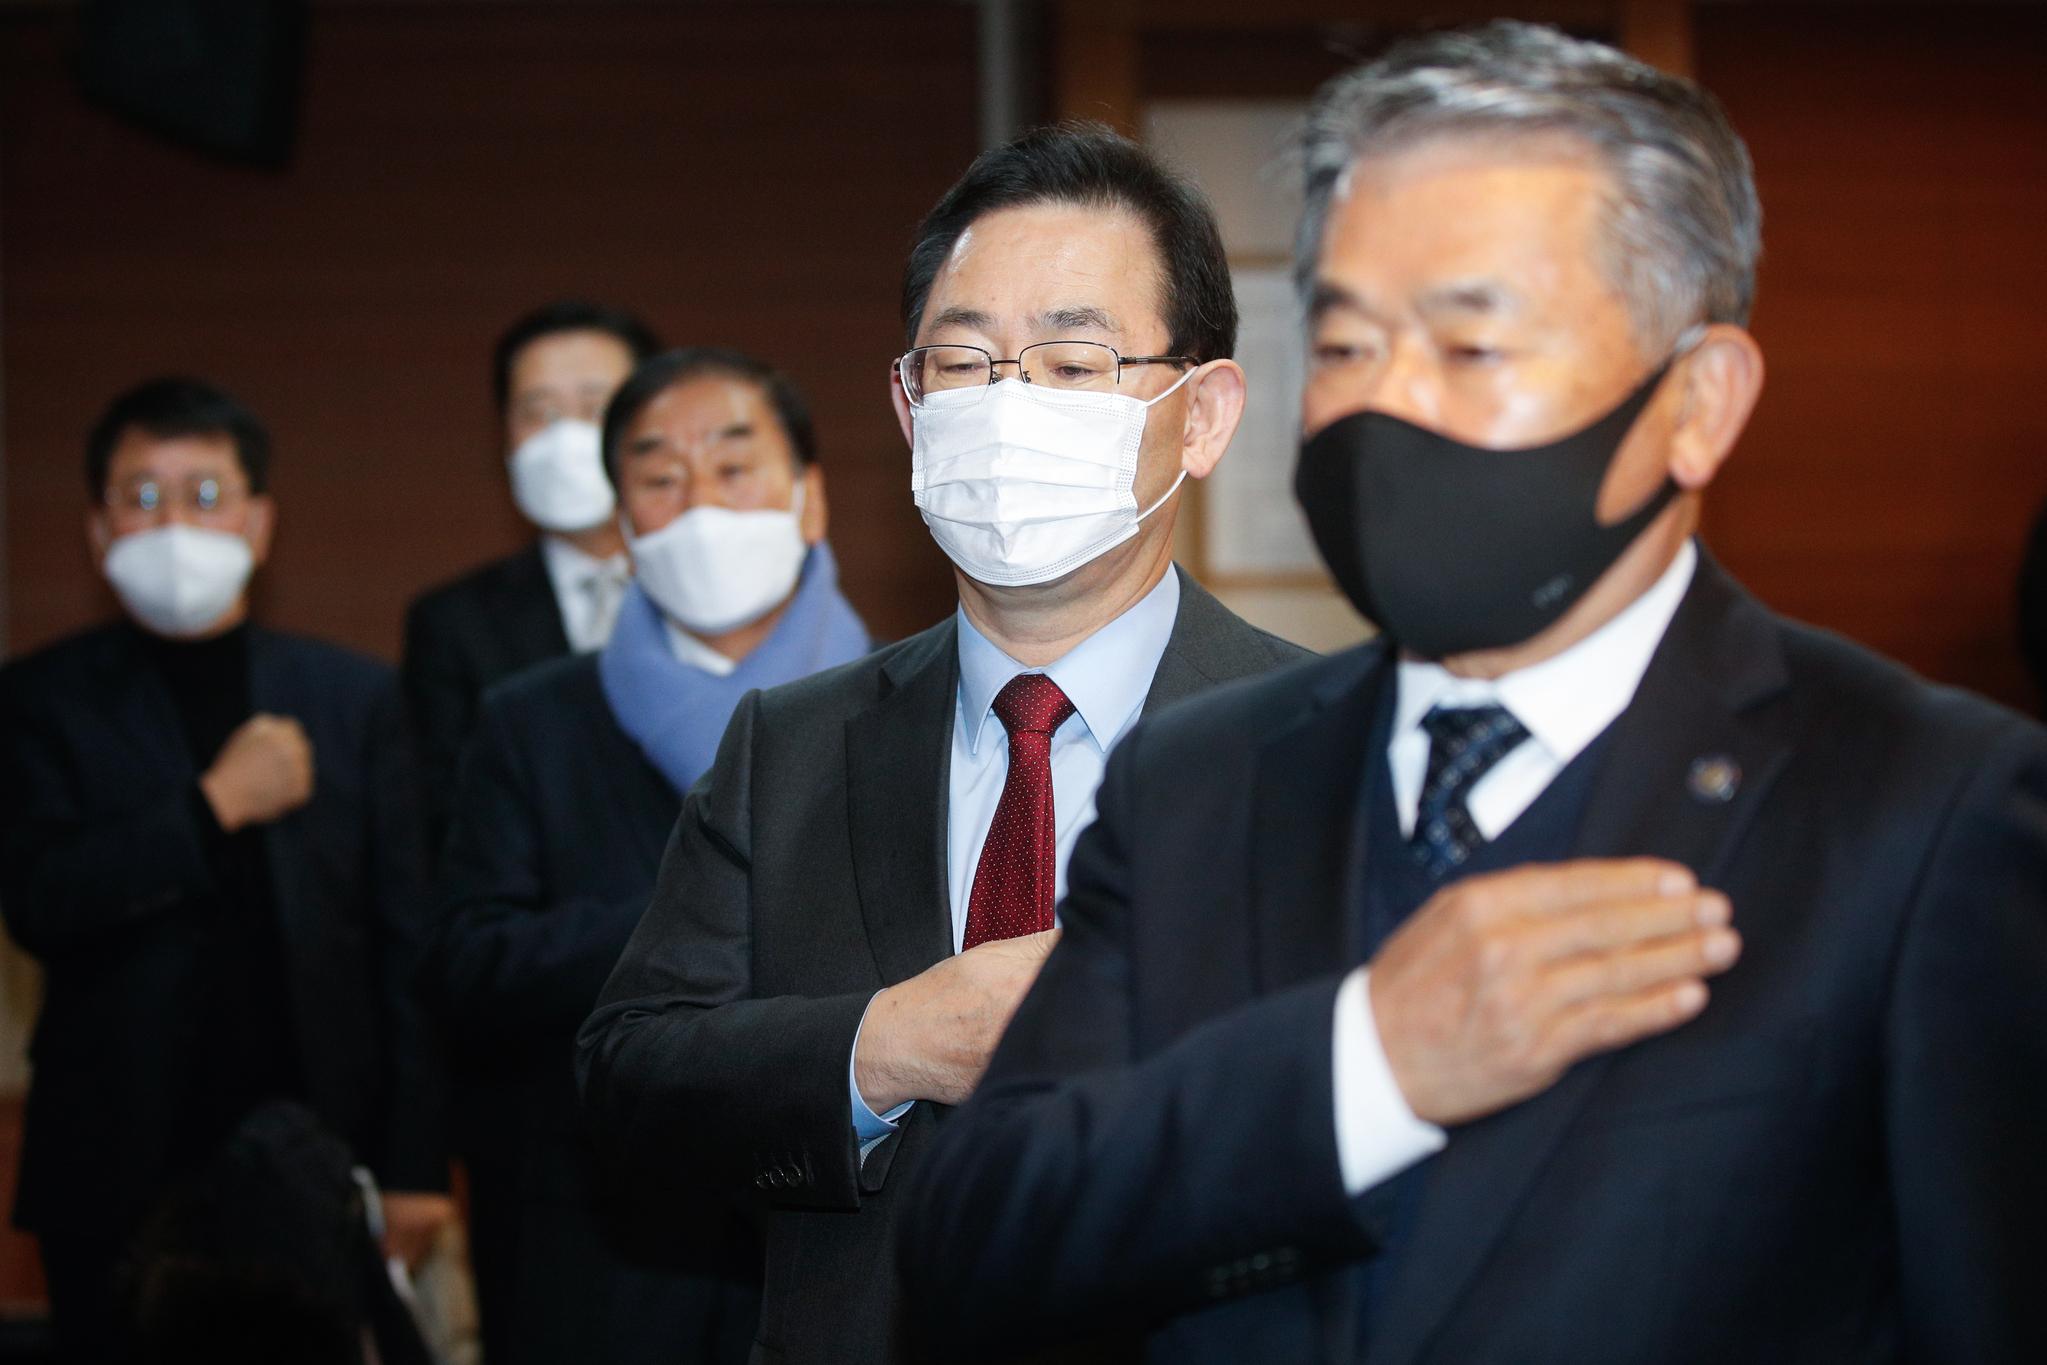 주호영 국민의힘 원내대표(오른쪽 두 번째)가 10일 오전 서울 중구 프레스센터에서 열린 '문재인 정권 폭정종식을 위한 정당·시민사회단체 대표자 연석회의'에 참석해 국민의례를 하고 있다. 뉴스1